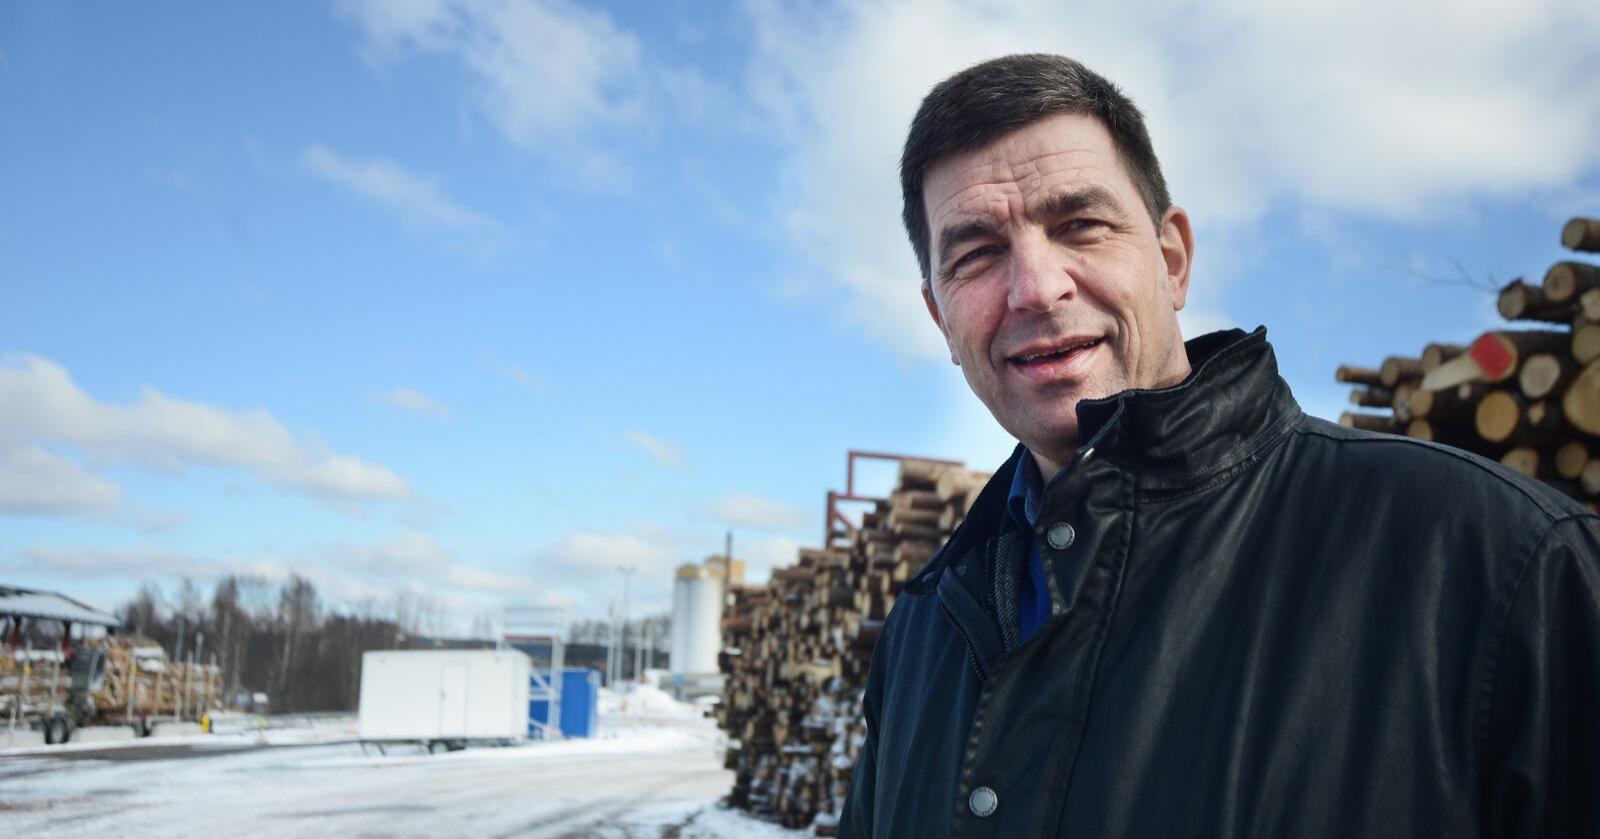 Gunnar Gundersen er leder i Naturbruksalliansen og næringspolitisk sjef i Glommen Mjøsen Skog. Foto: Siri Juell Rasmussen